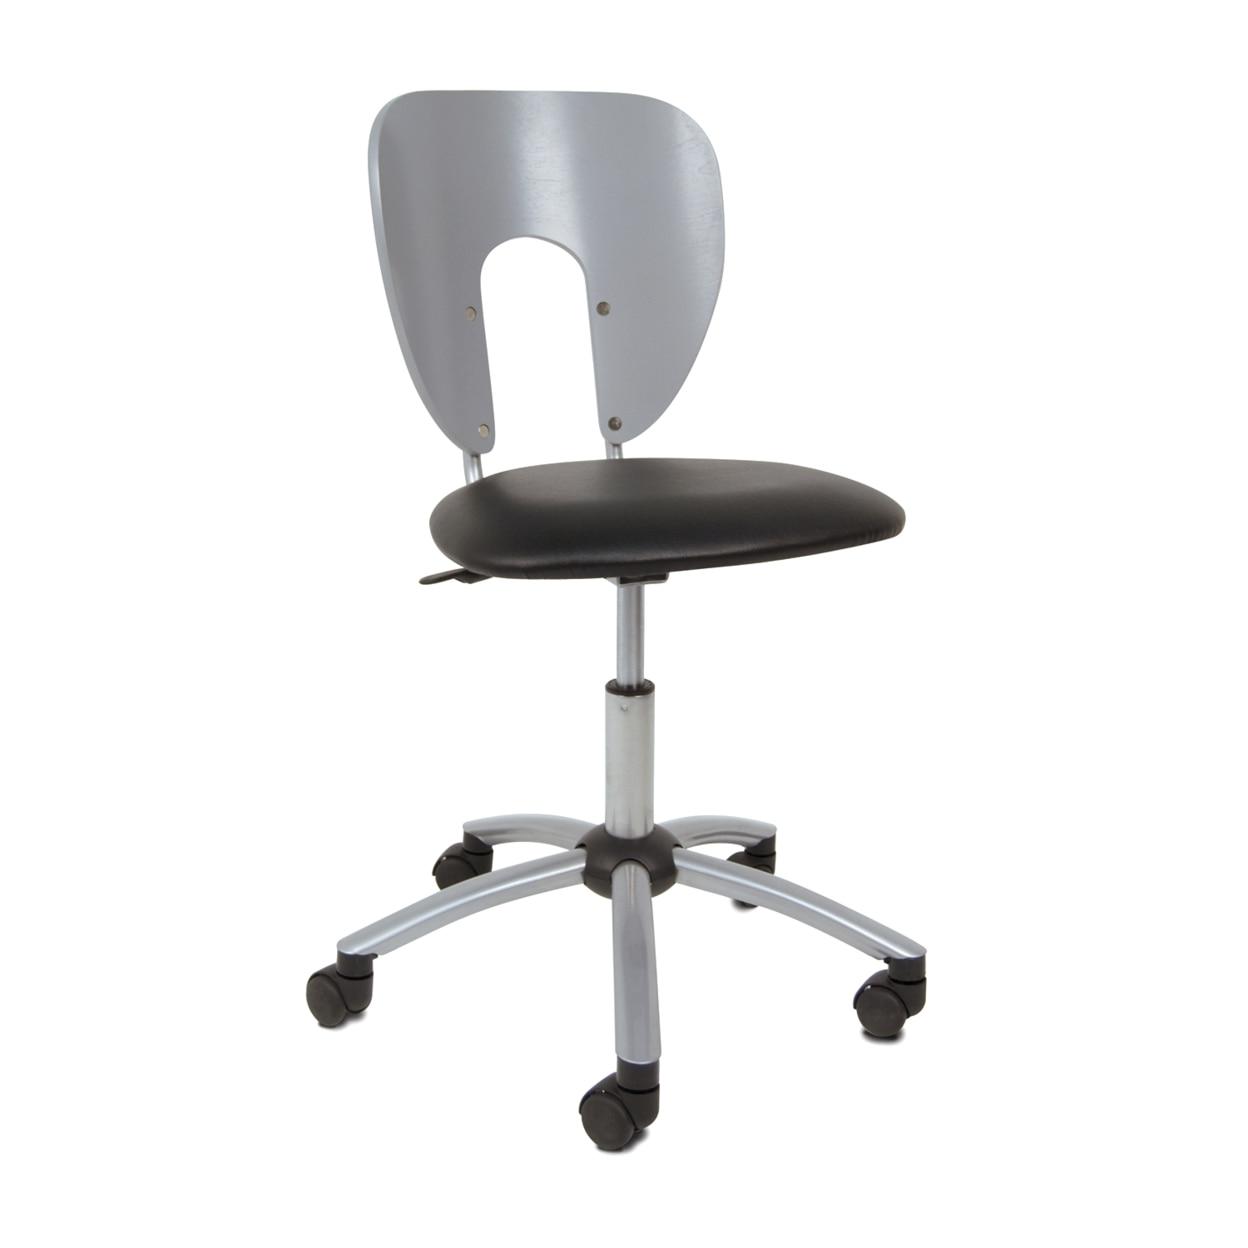 Studio Designs Home Office Futura Chair - Silver studio designs home office maxima ii drafting chair black